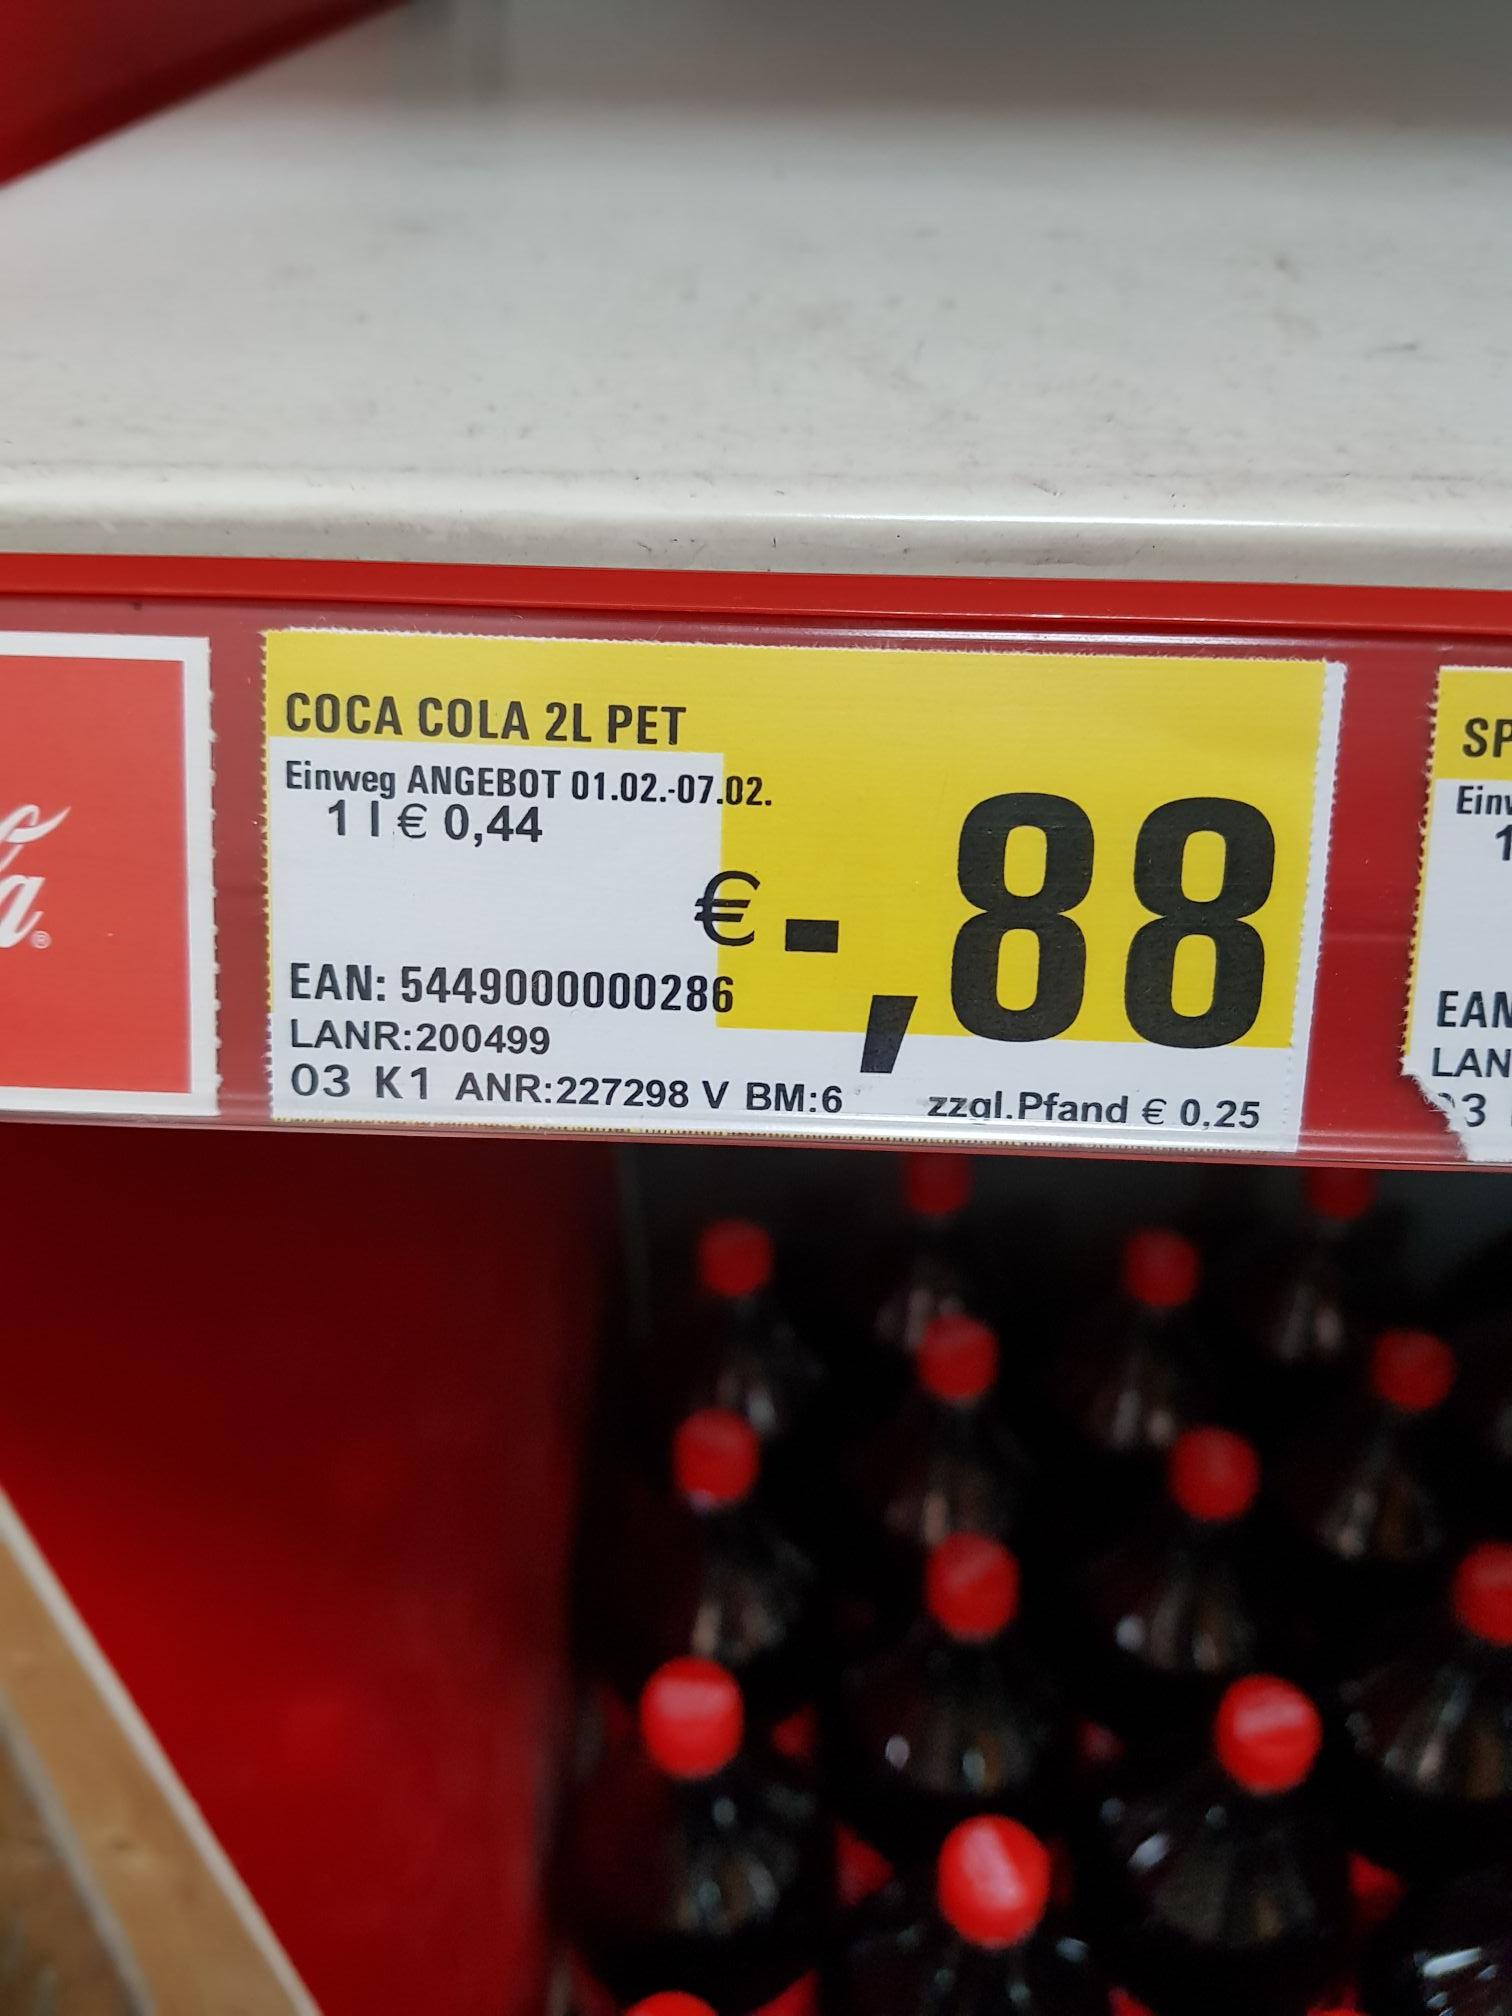 Lokal V-Markt München Coca Cola etc. 2L PET 0,88€